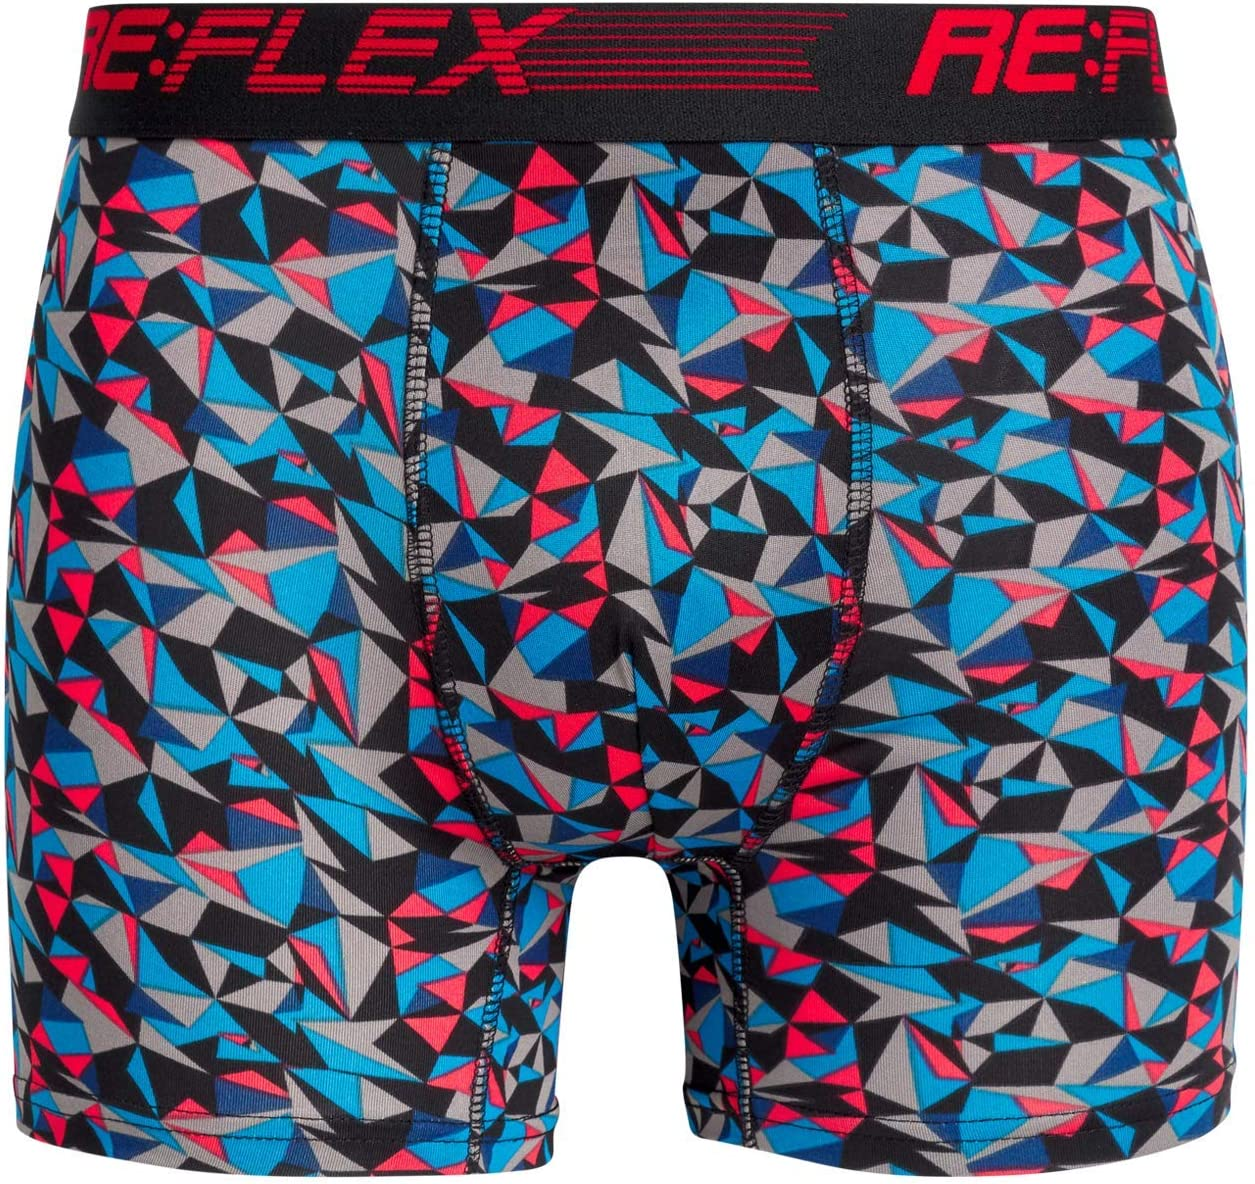 Re:Flex Mens Compression Performance Boxer Briefs Underwear 3 Pack